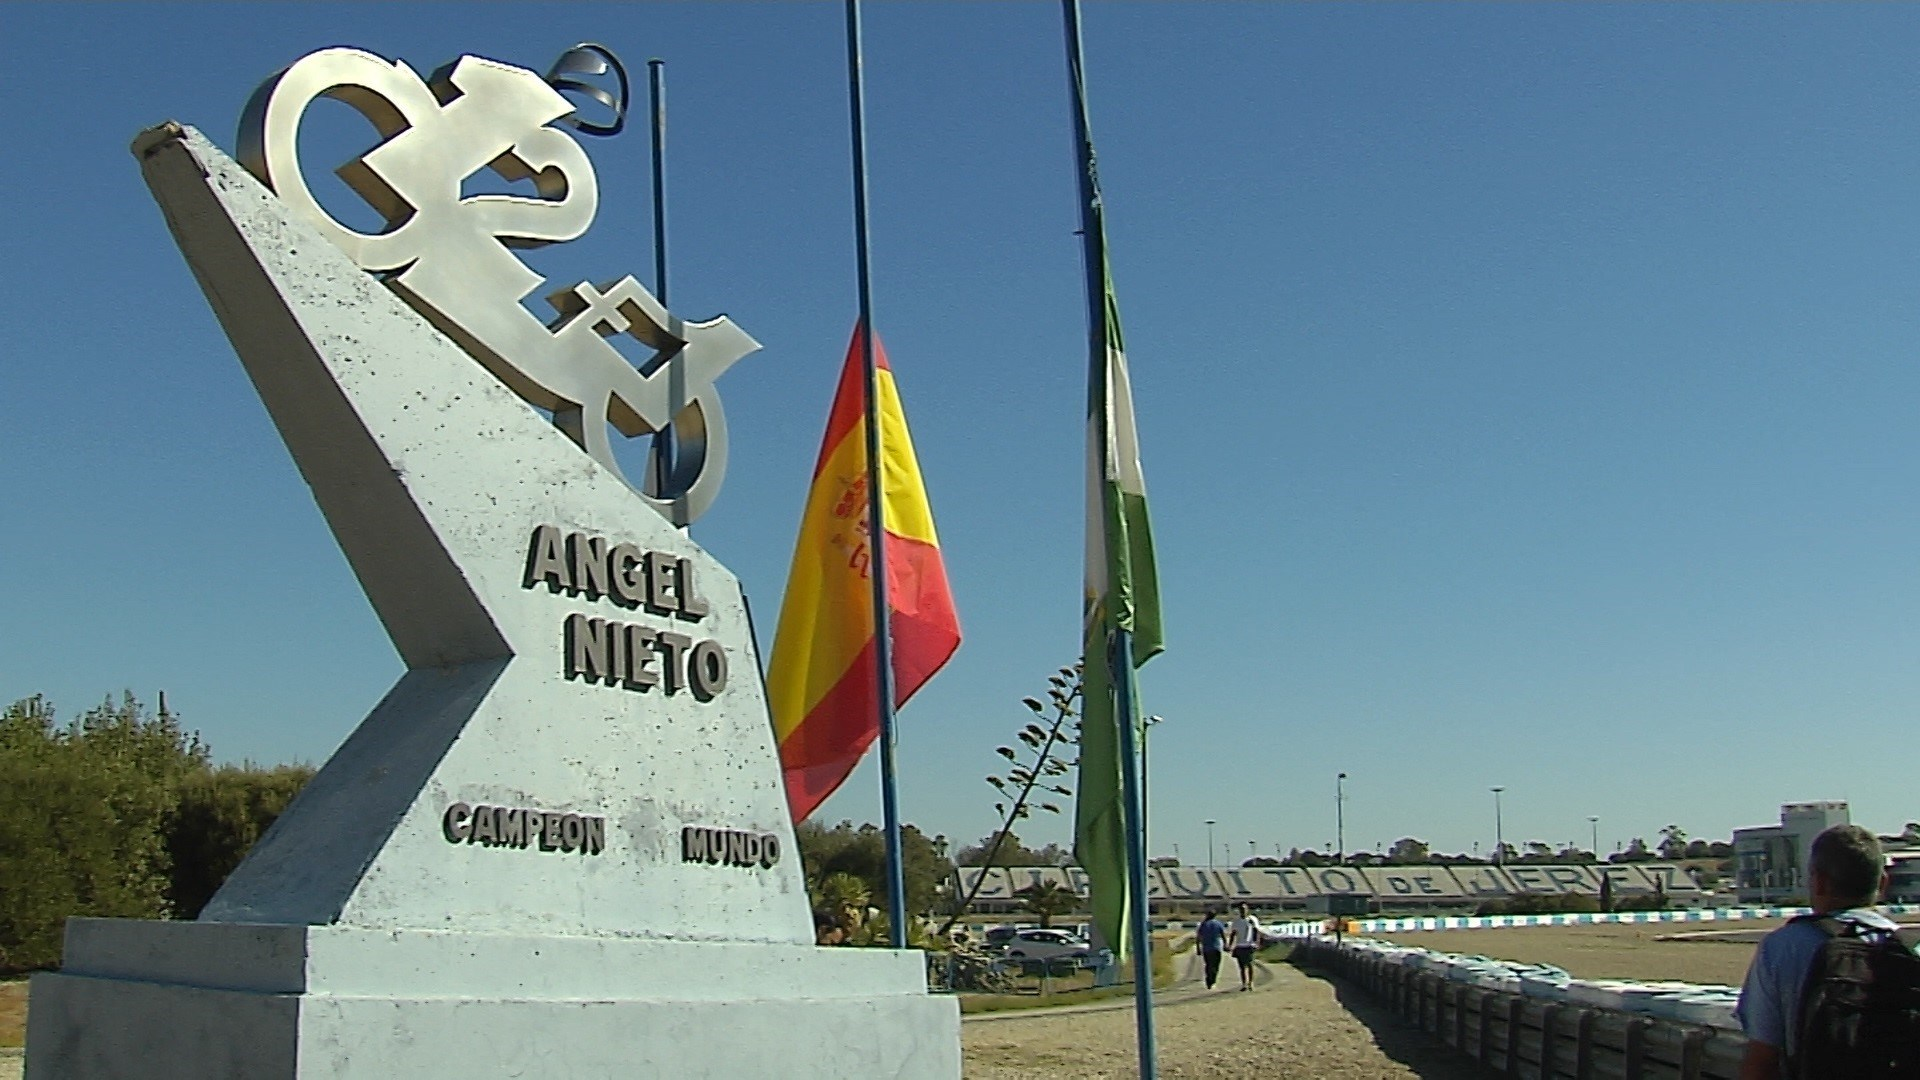 Circuito Jerez : Motociclismo el circuito de jerez pasará a llamarse Ángel nieto